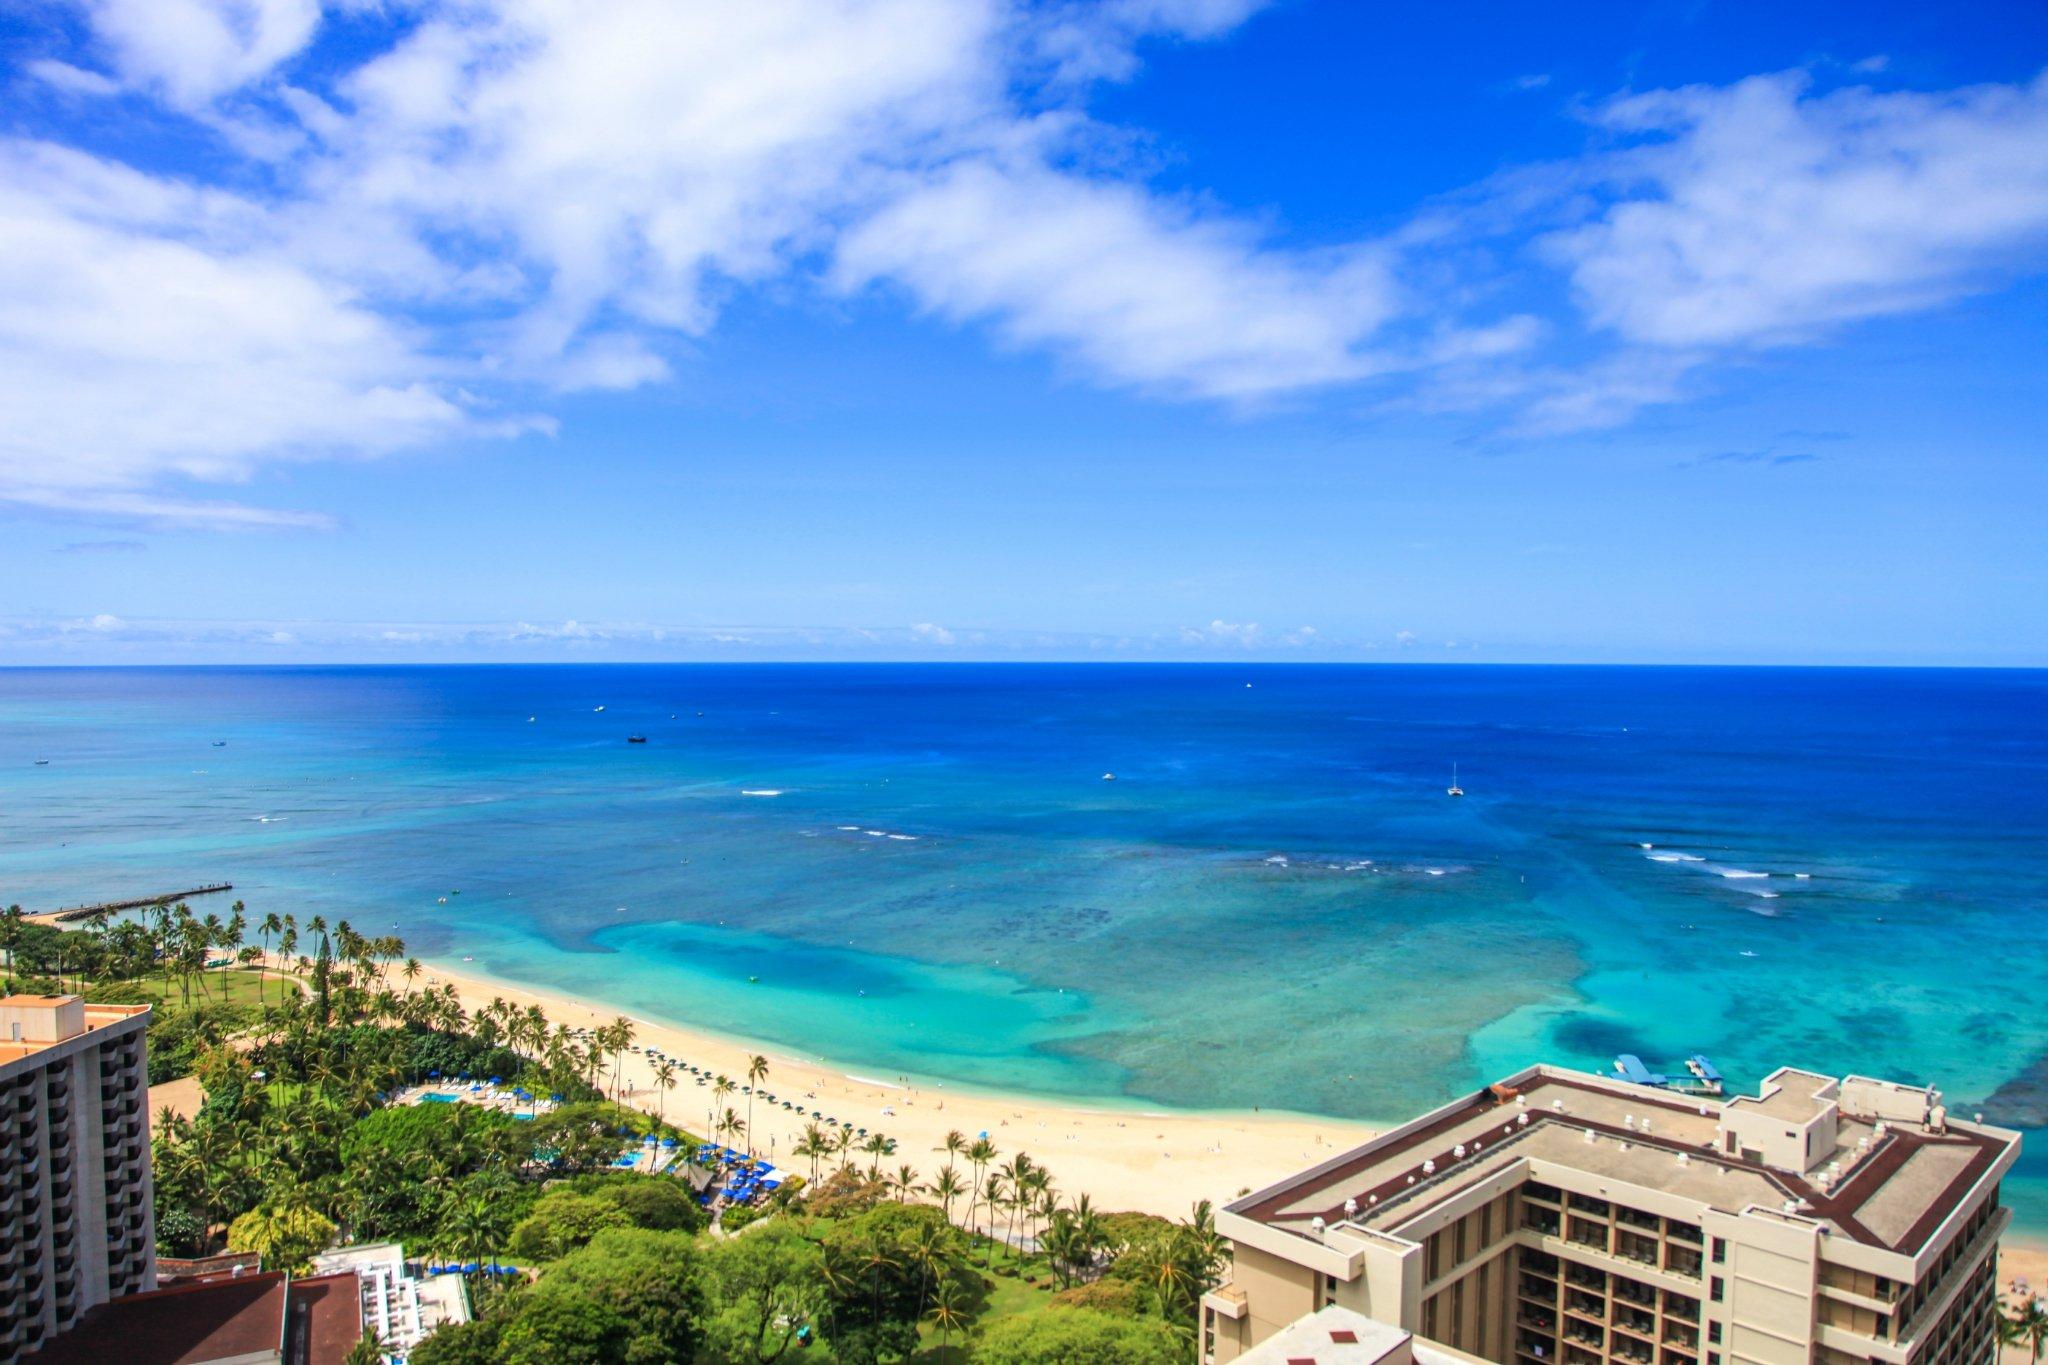 随毅行---Aloha夏威夷檀香山9日亲子之旅